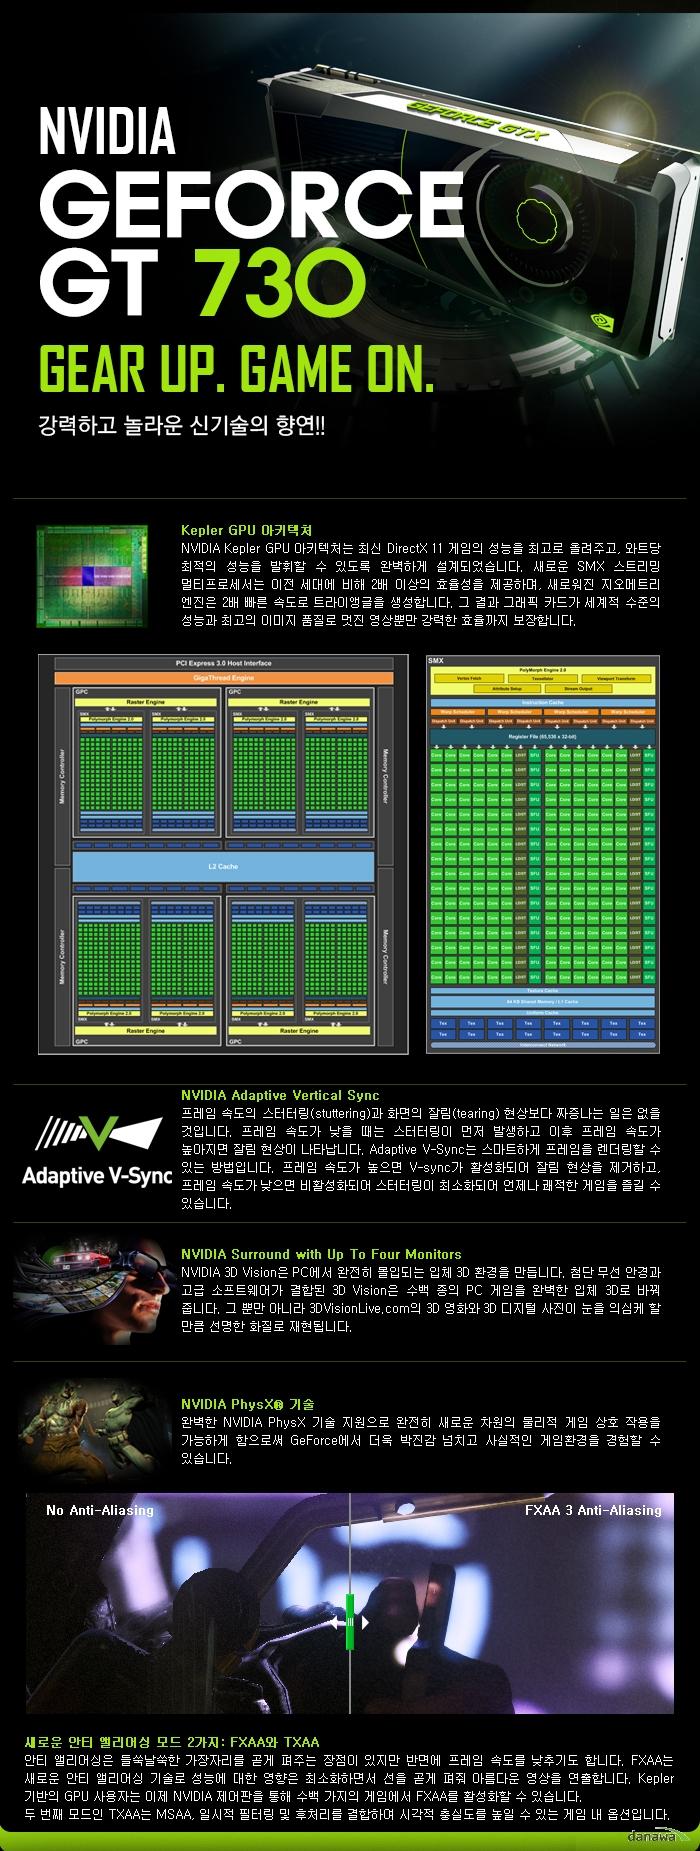 GIGABYTE 지포스 GT730 UD2 D5 2GB 블랙펄의 제품 기술설명